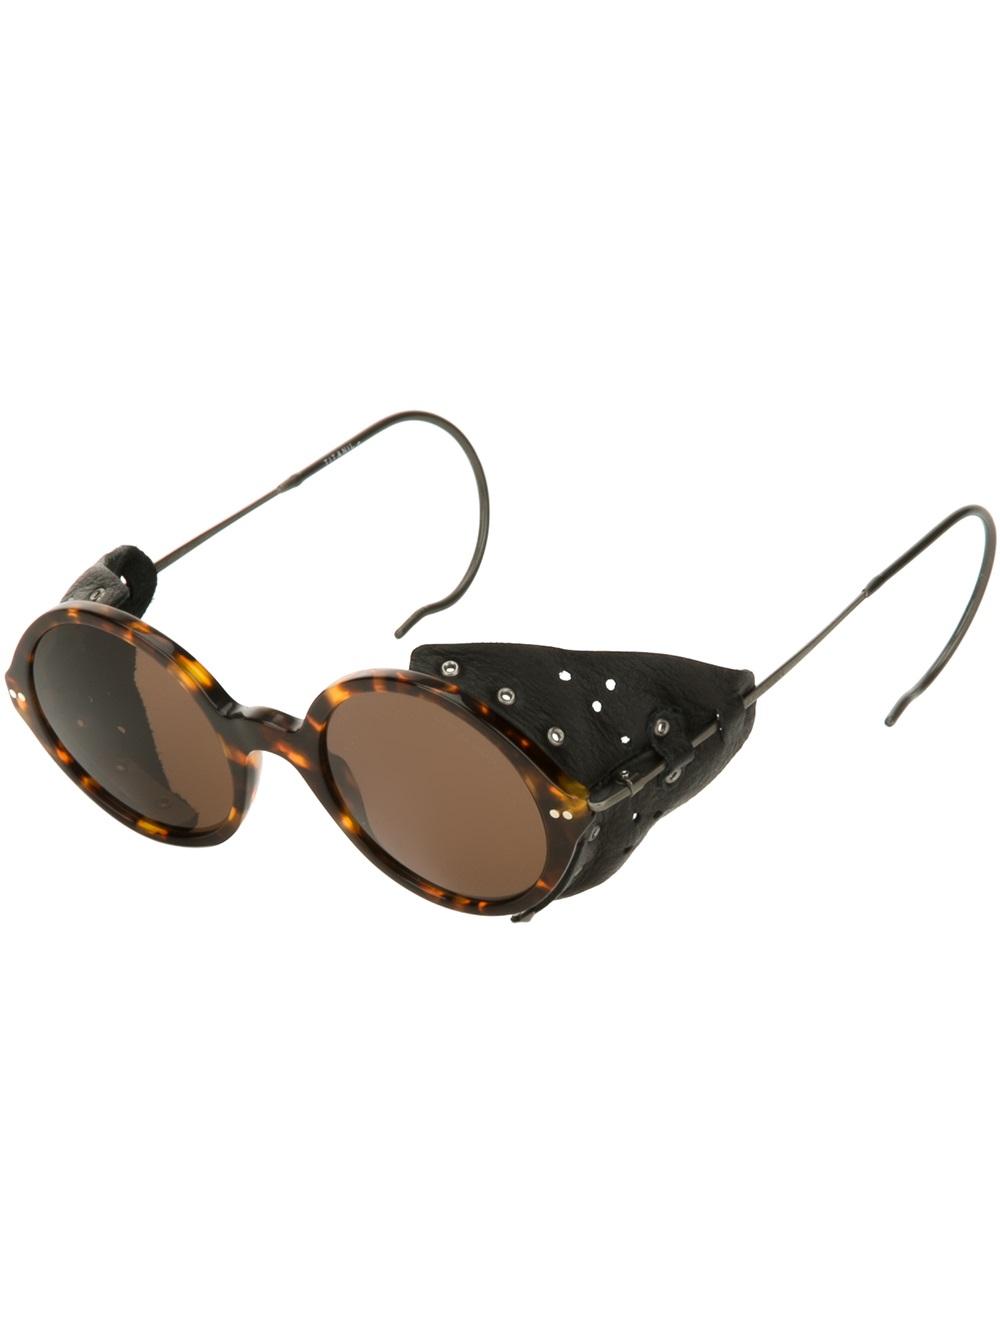 Giorgio Armani Glasses Frame Mens : Giorgio armani Round Frame Sunglasses in Brown for Men Lyst